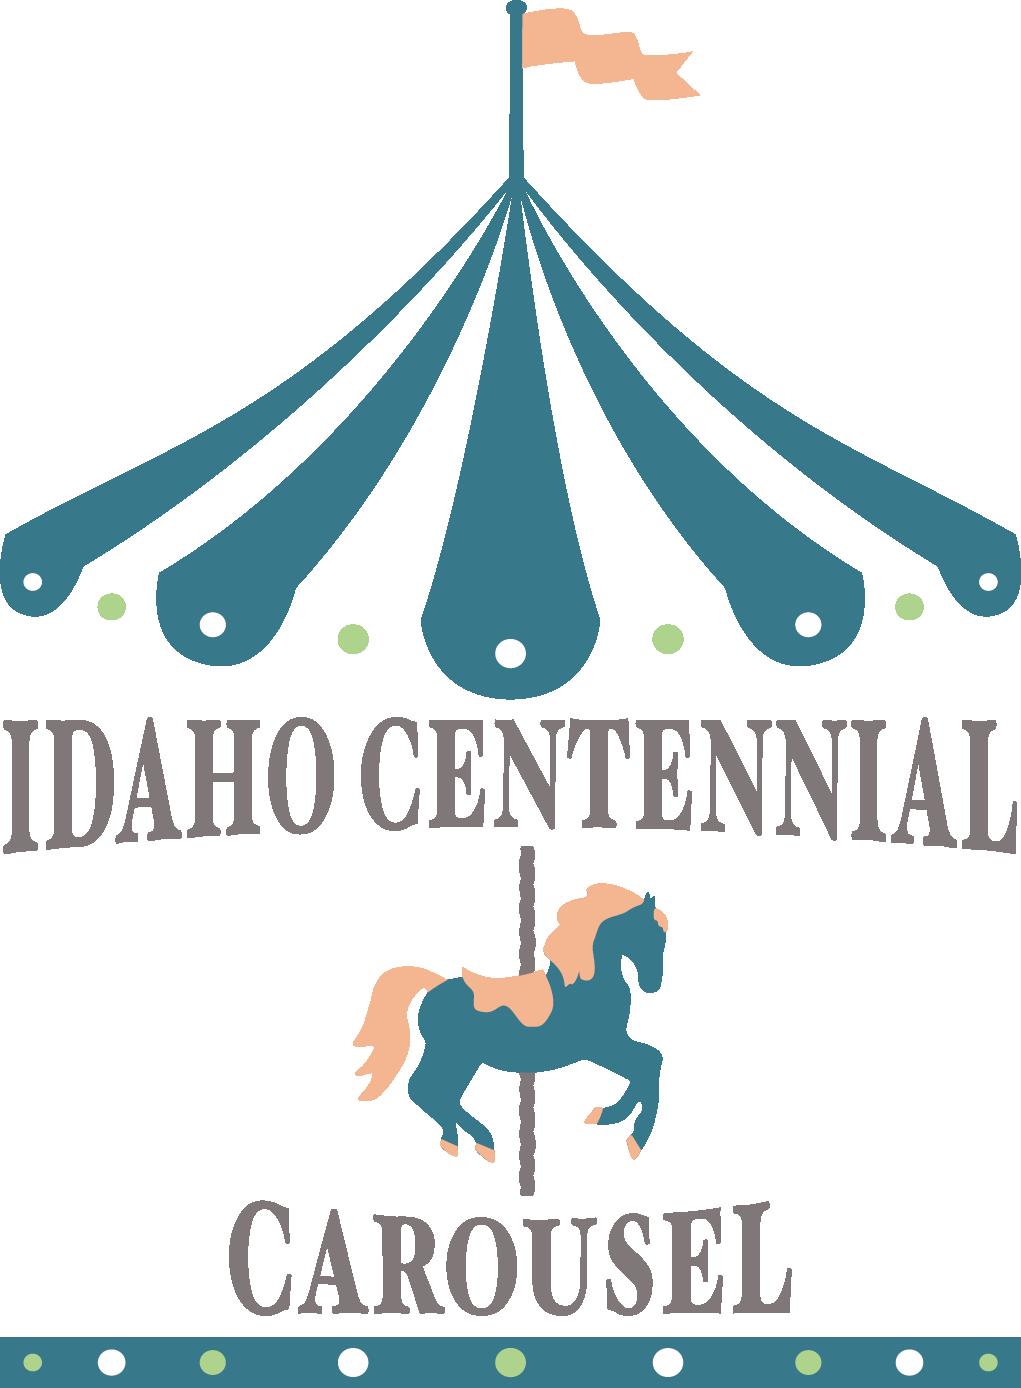 Idaho Centennial Carousel